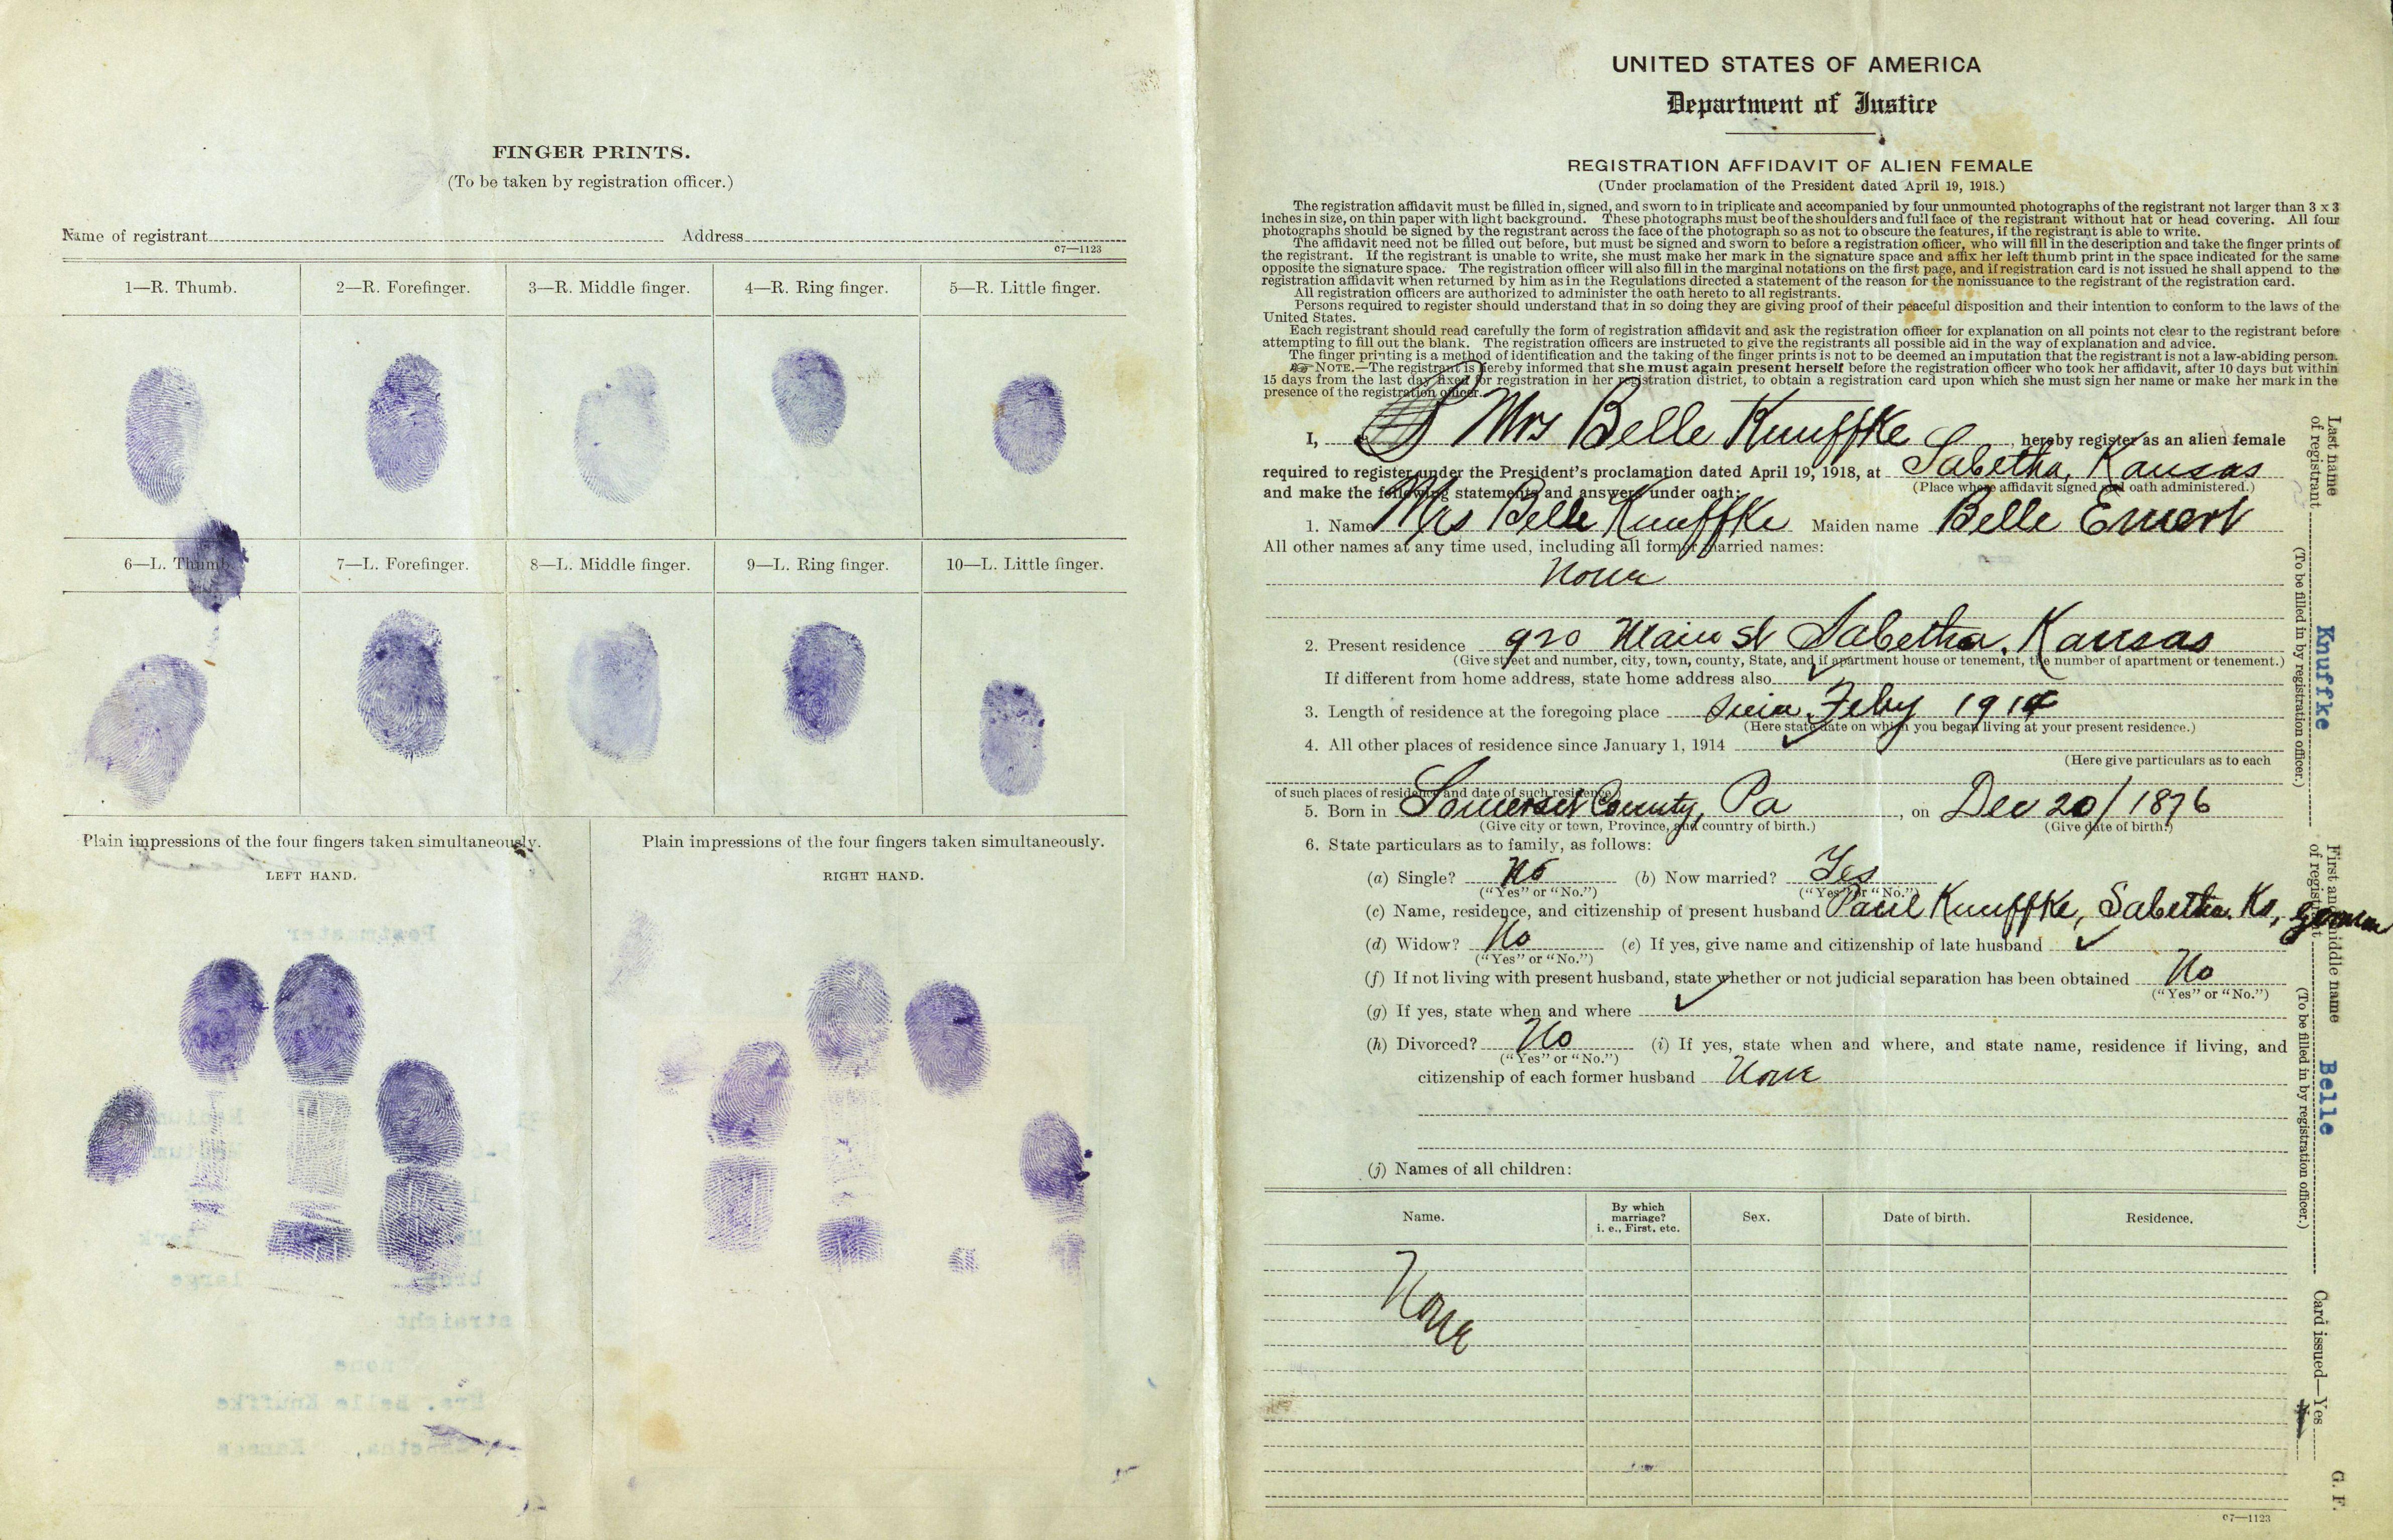 Enemy Alien Registration Affidavit for Belle Knuffke